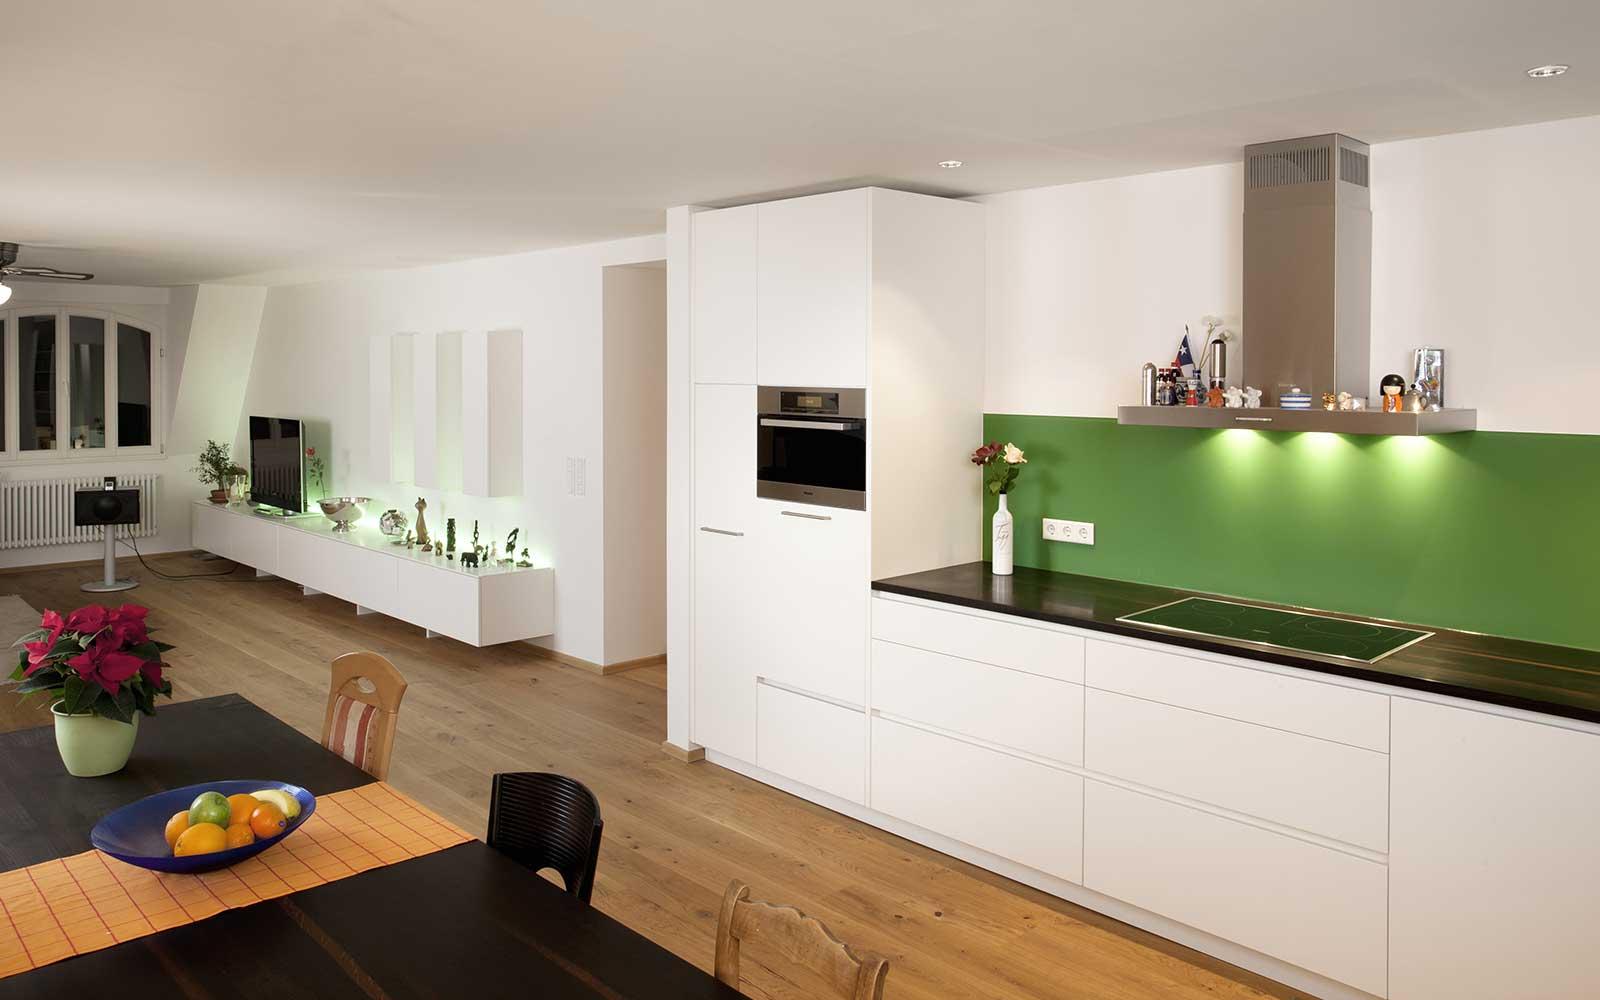 Jugendstil in Heidelberg Neuenheim, Kochhan und Weckbach Architekten Heidelberg